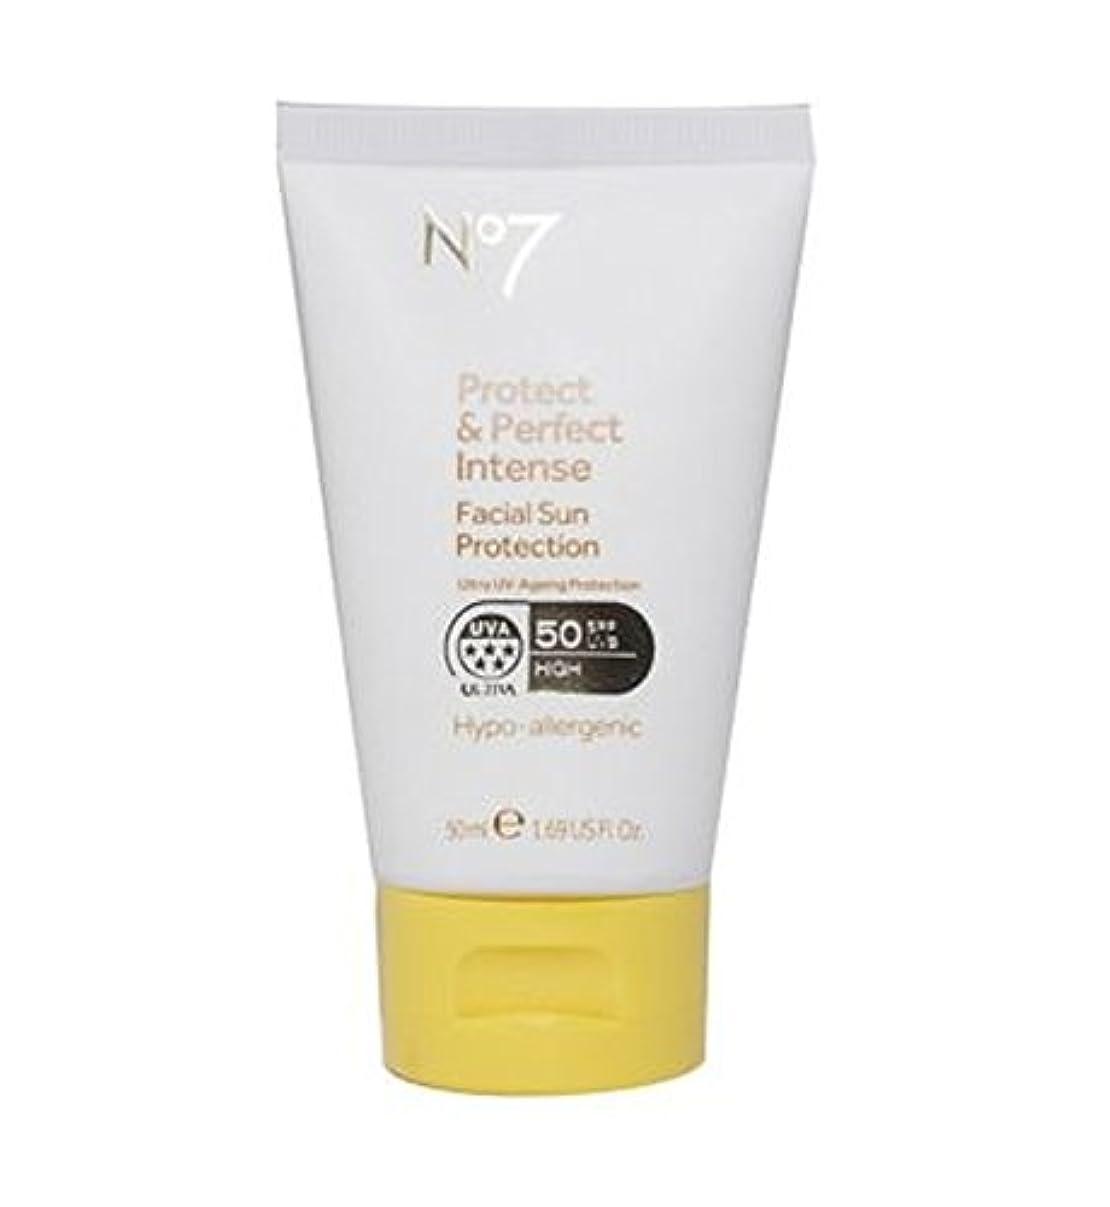 突然の安らぎ勧告No7保護&完璧な強烈な顔の日焼け防止Spf 50 50ミリリットル (No7) (x2) - No7 Protect & Perfect Intense Facial Sun Protection SPF 50 50ml (Pack of 2) [並行輸入品]